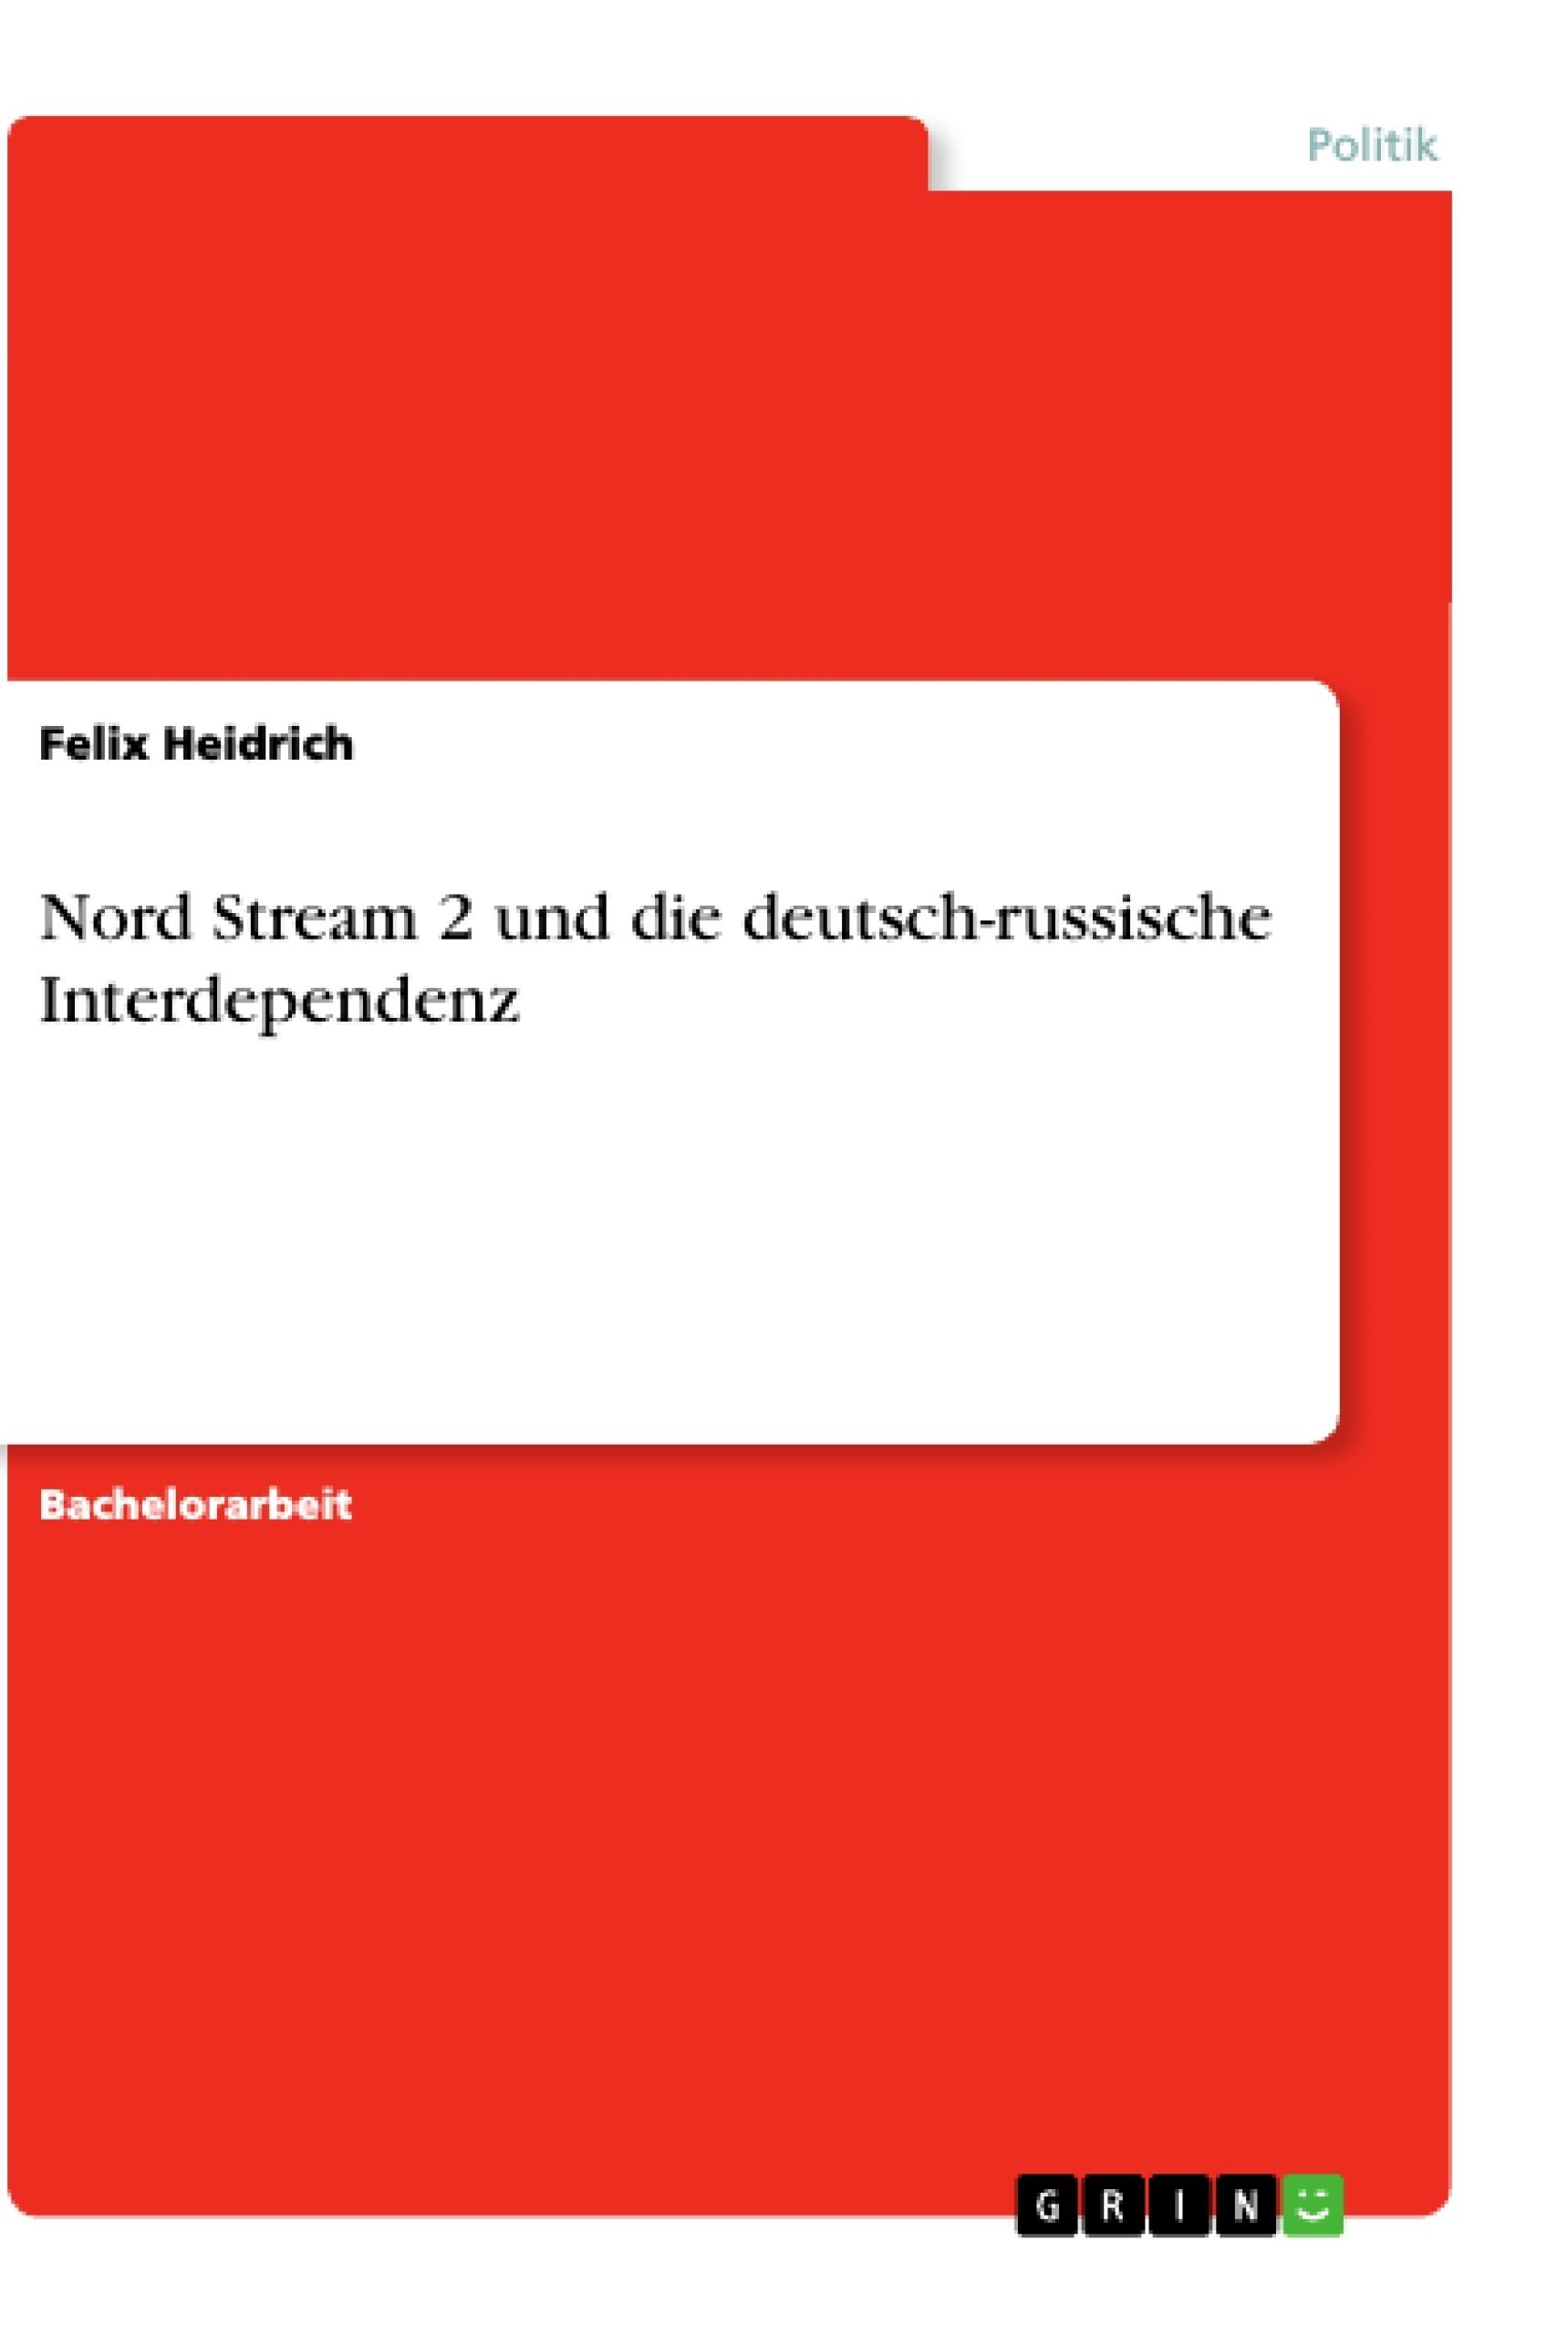 Titel: Nord Stream 2 und die deutsch-russische Interdependenz